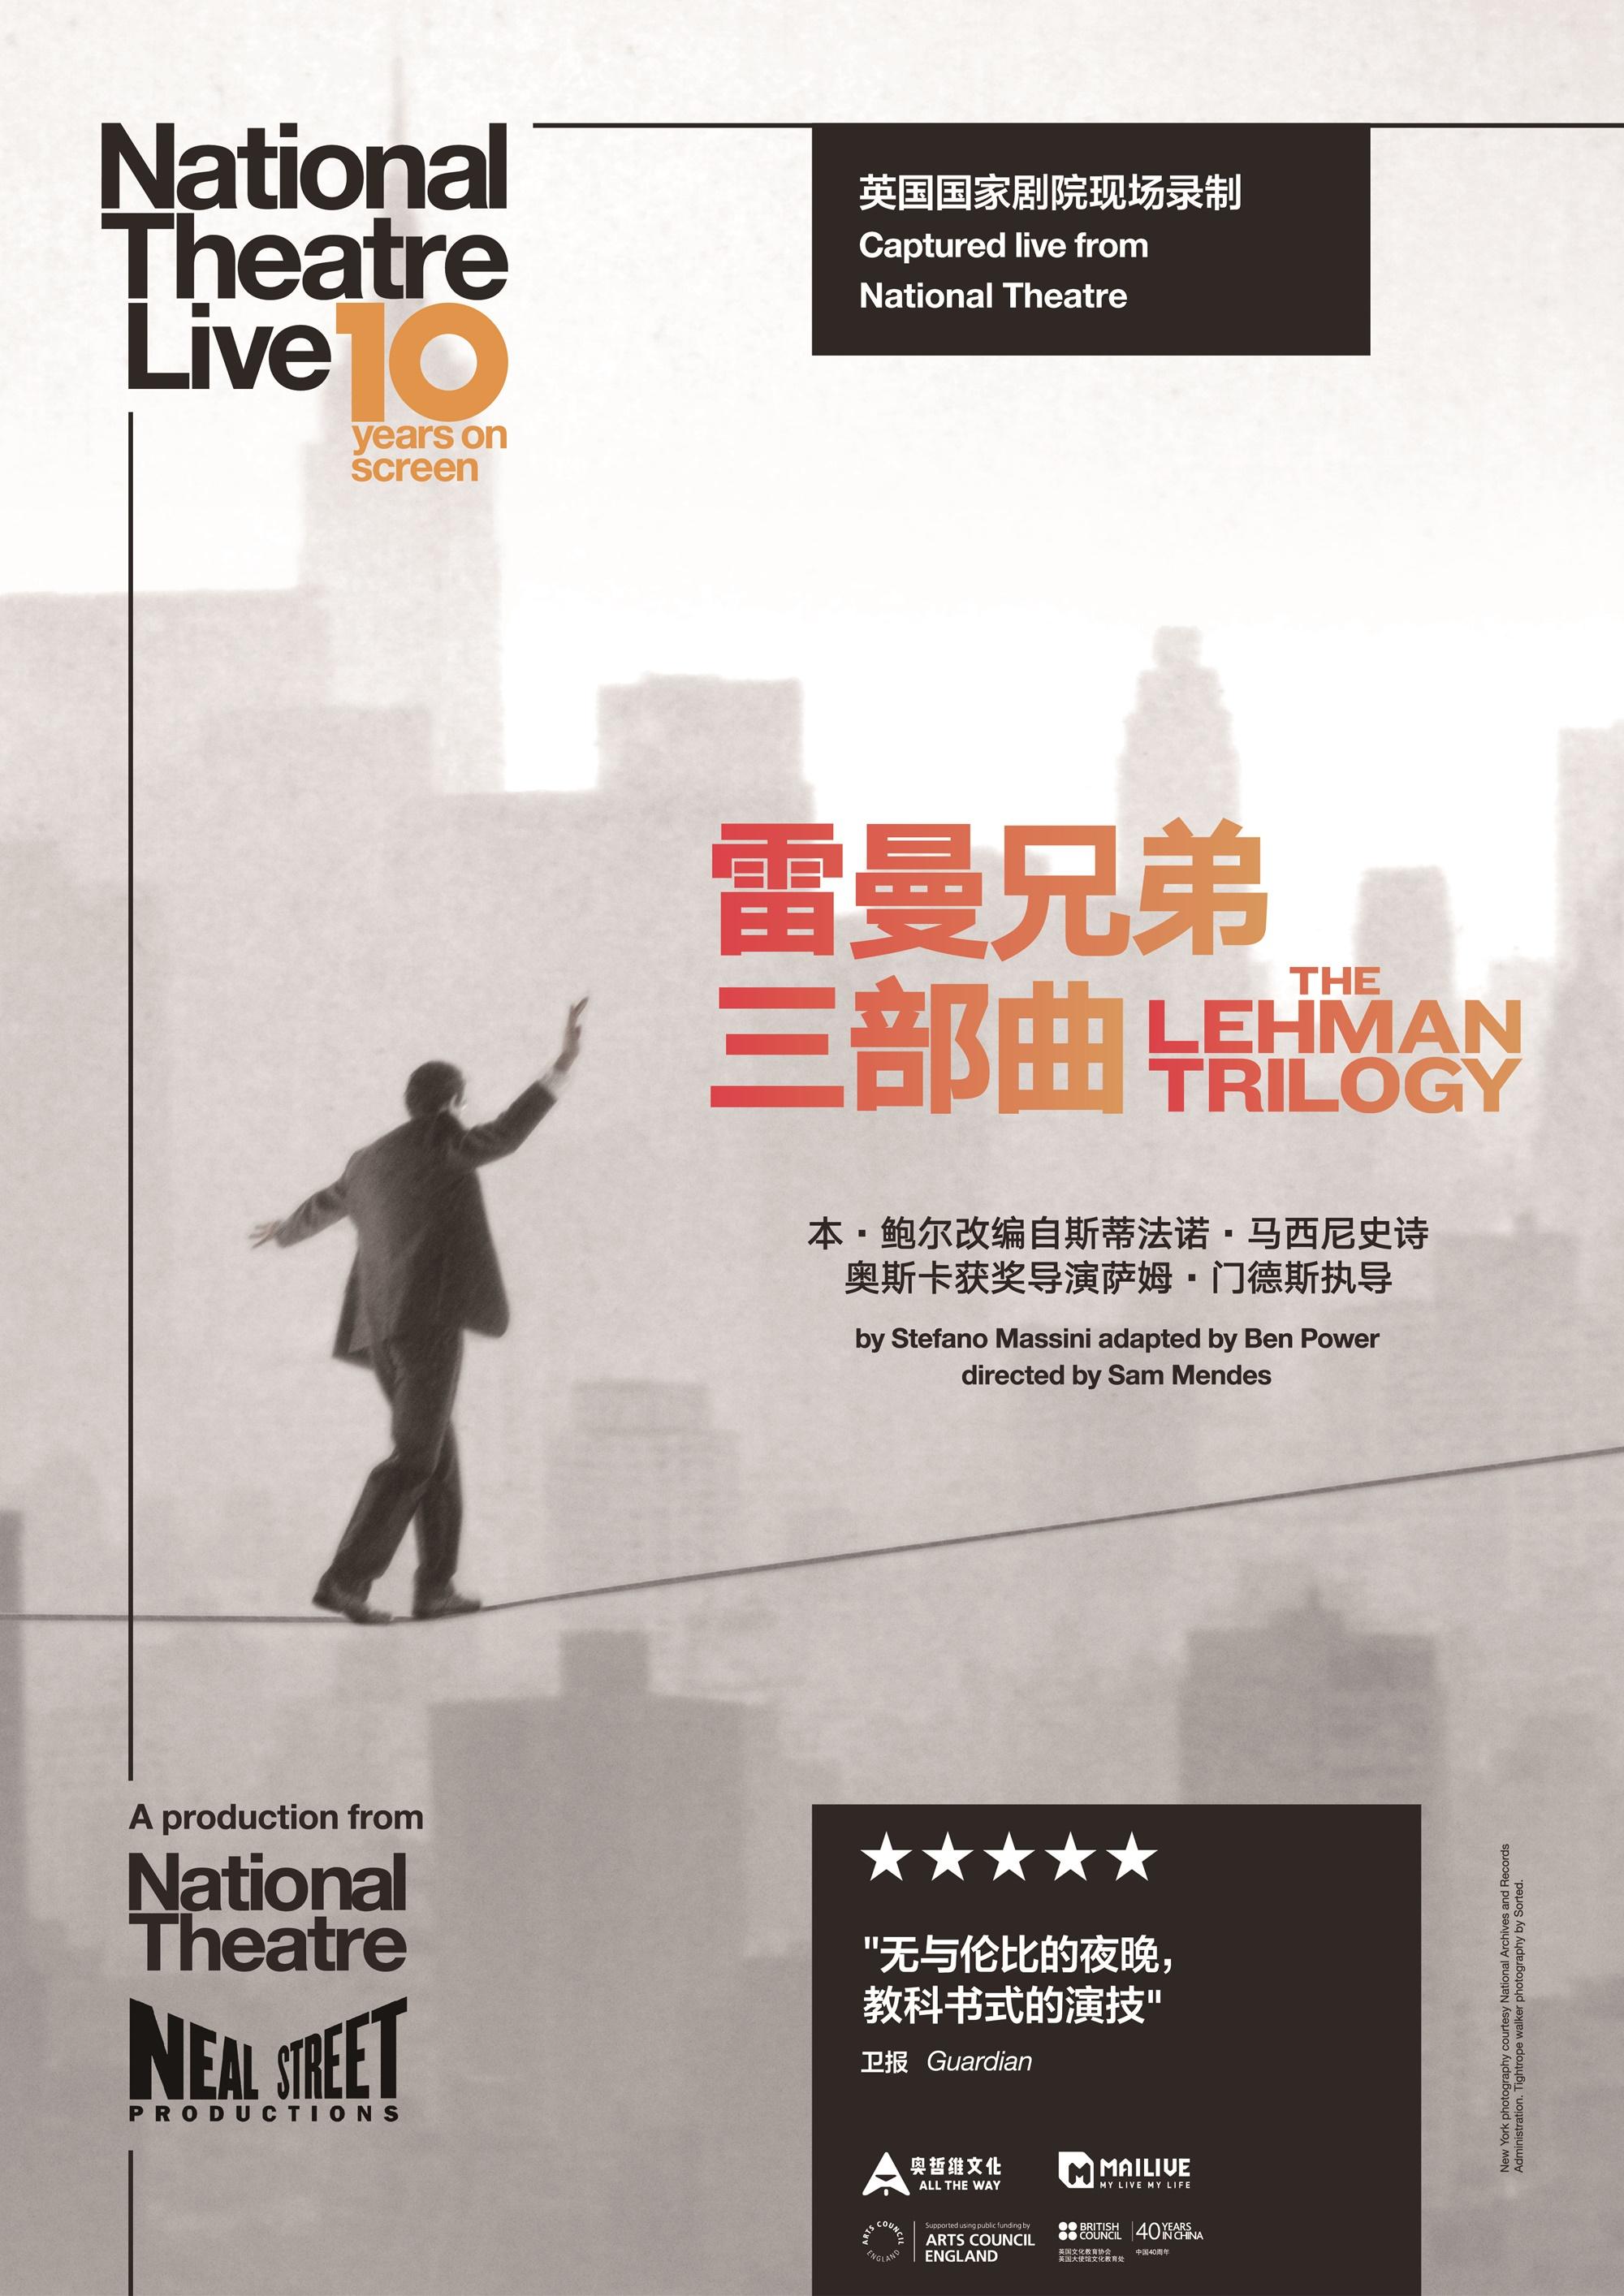 【高清放映系列】英国国家剧院·戏剧《雷曼兄弟三部曲》